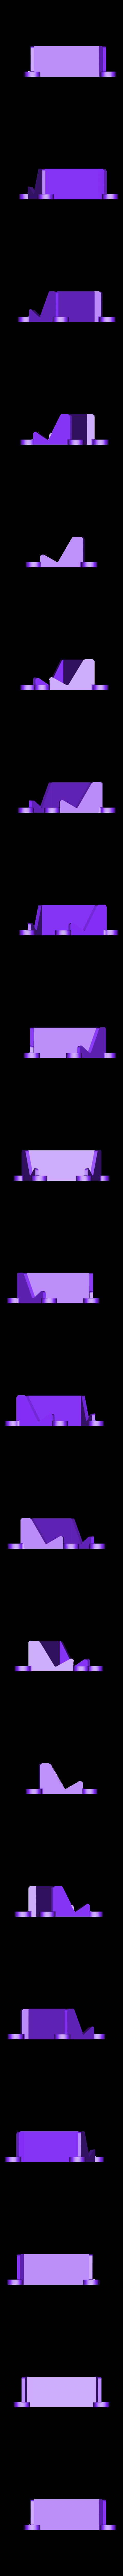 OpenRC_Mini_Quad_GoPro_Holder.stl Télécharger fichier STL gratuit OpenRC 220 FPV Mini Quad • Objet à imprimer en 3D, DanielNoree